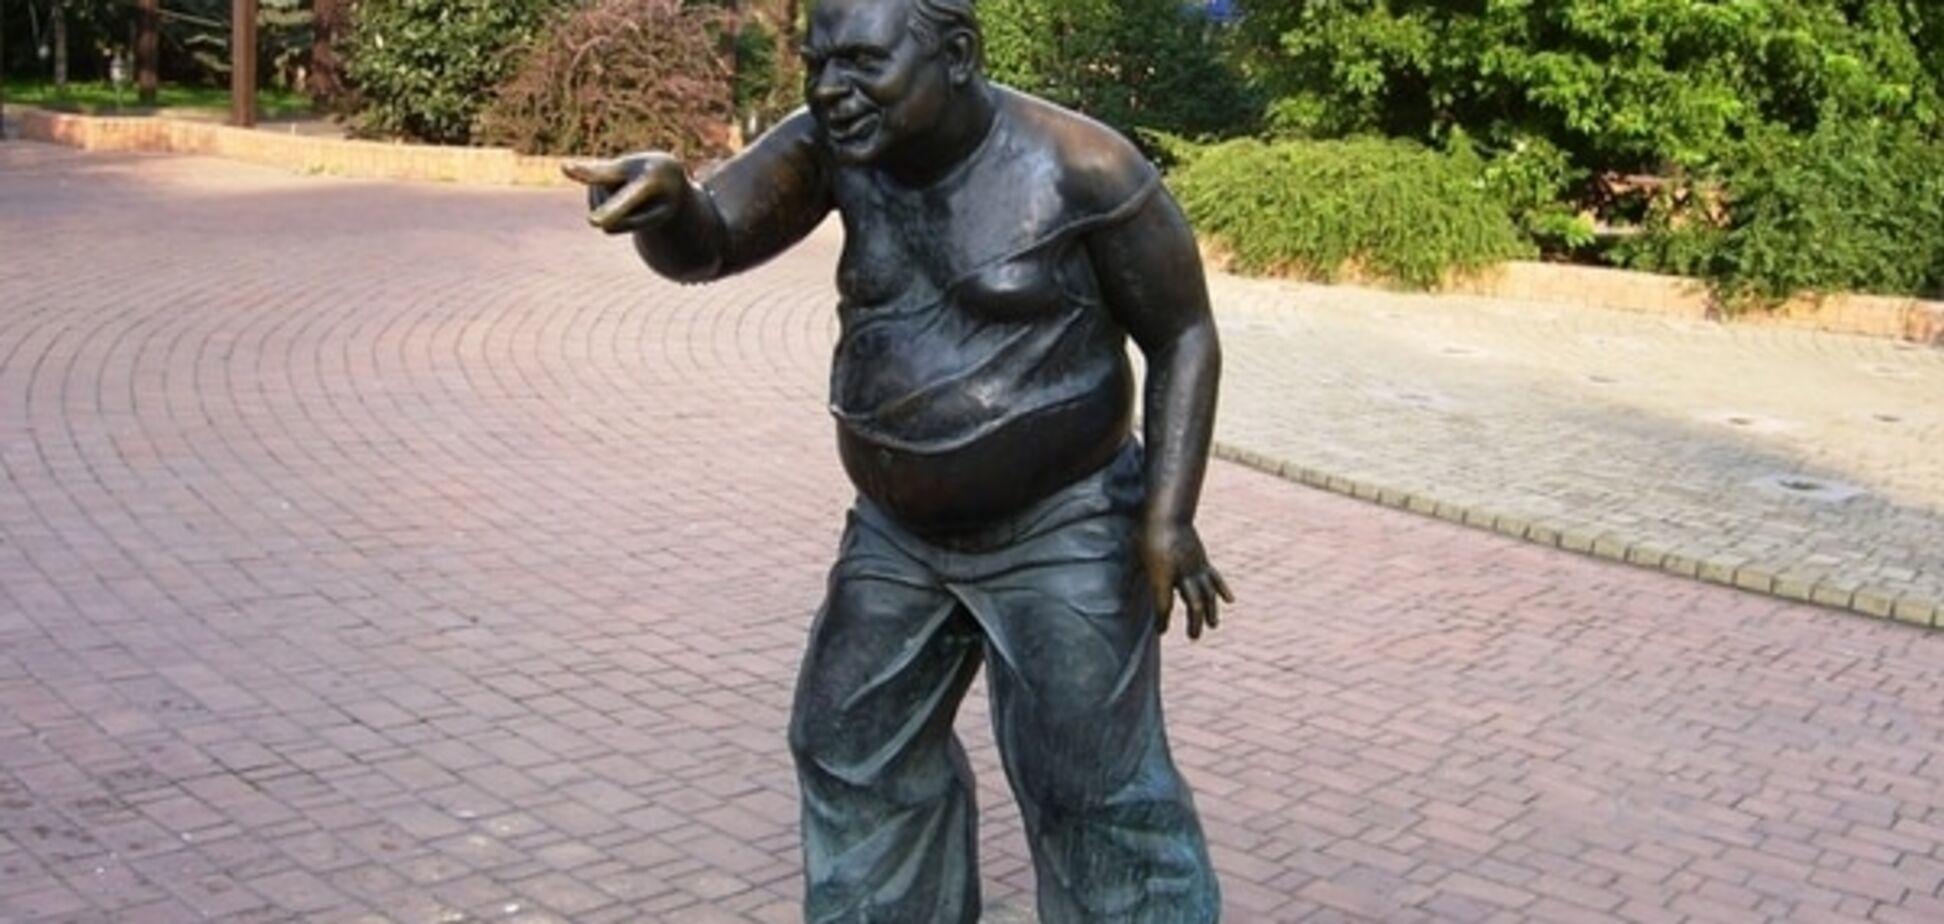 Джентльмени удачі: у Москві викрали пам'ятник акторові Леонову